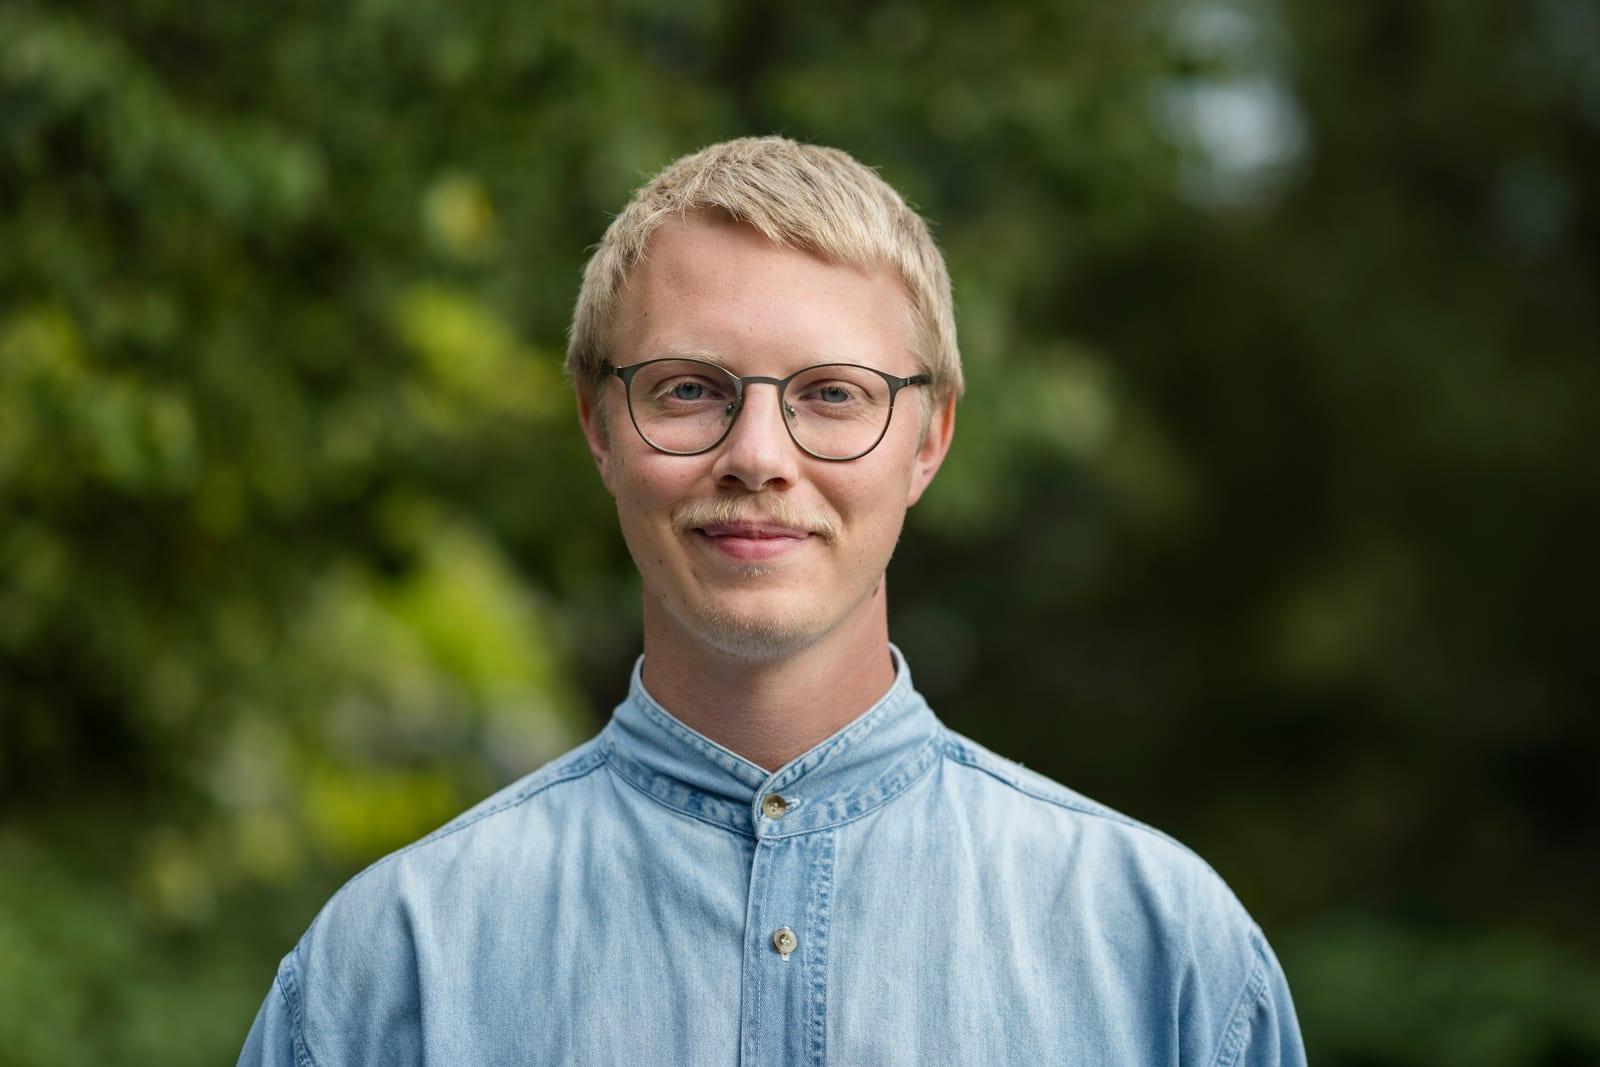 Sebastian Rydenfalk